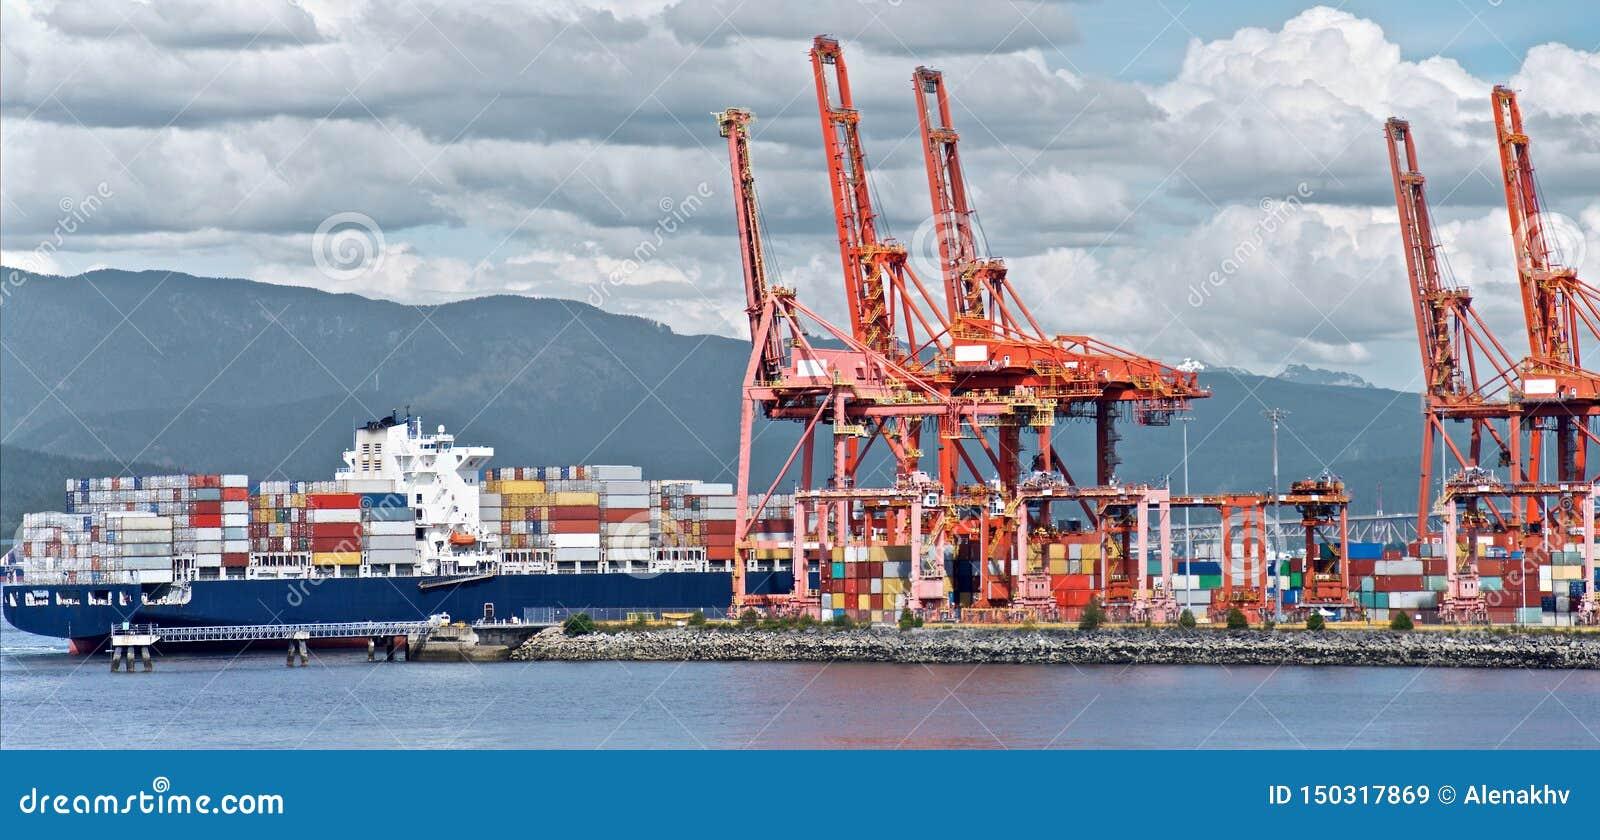 Portacontenedores descarga en el puerto de Vancouver,